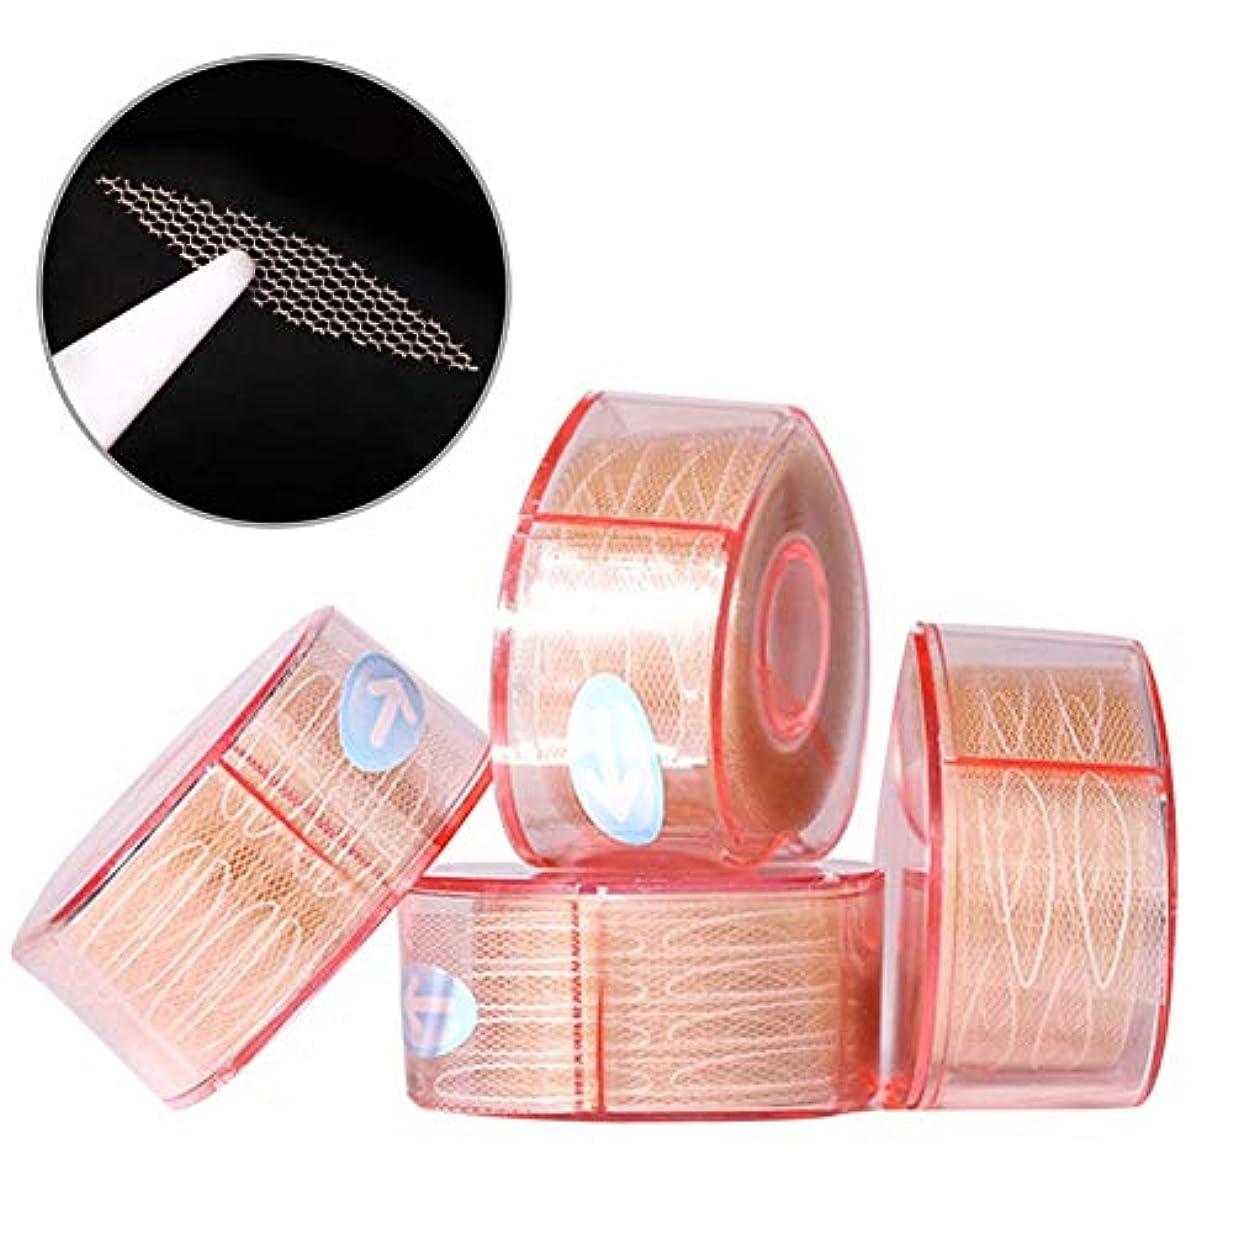 あえぎためらうコーナーナチュラルアイテープ 二重まぶたステッカー 二重まぶたテープ 300組セット メッシュ 見えない バレない 通気性 アイメイク 4タイプ選べる junexi